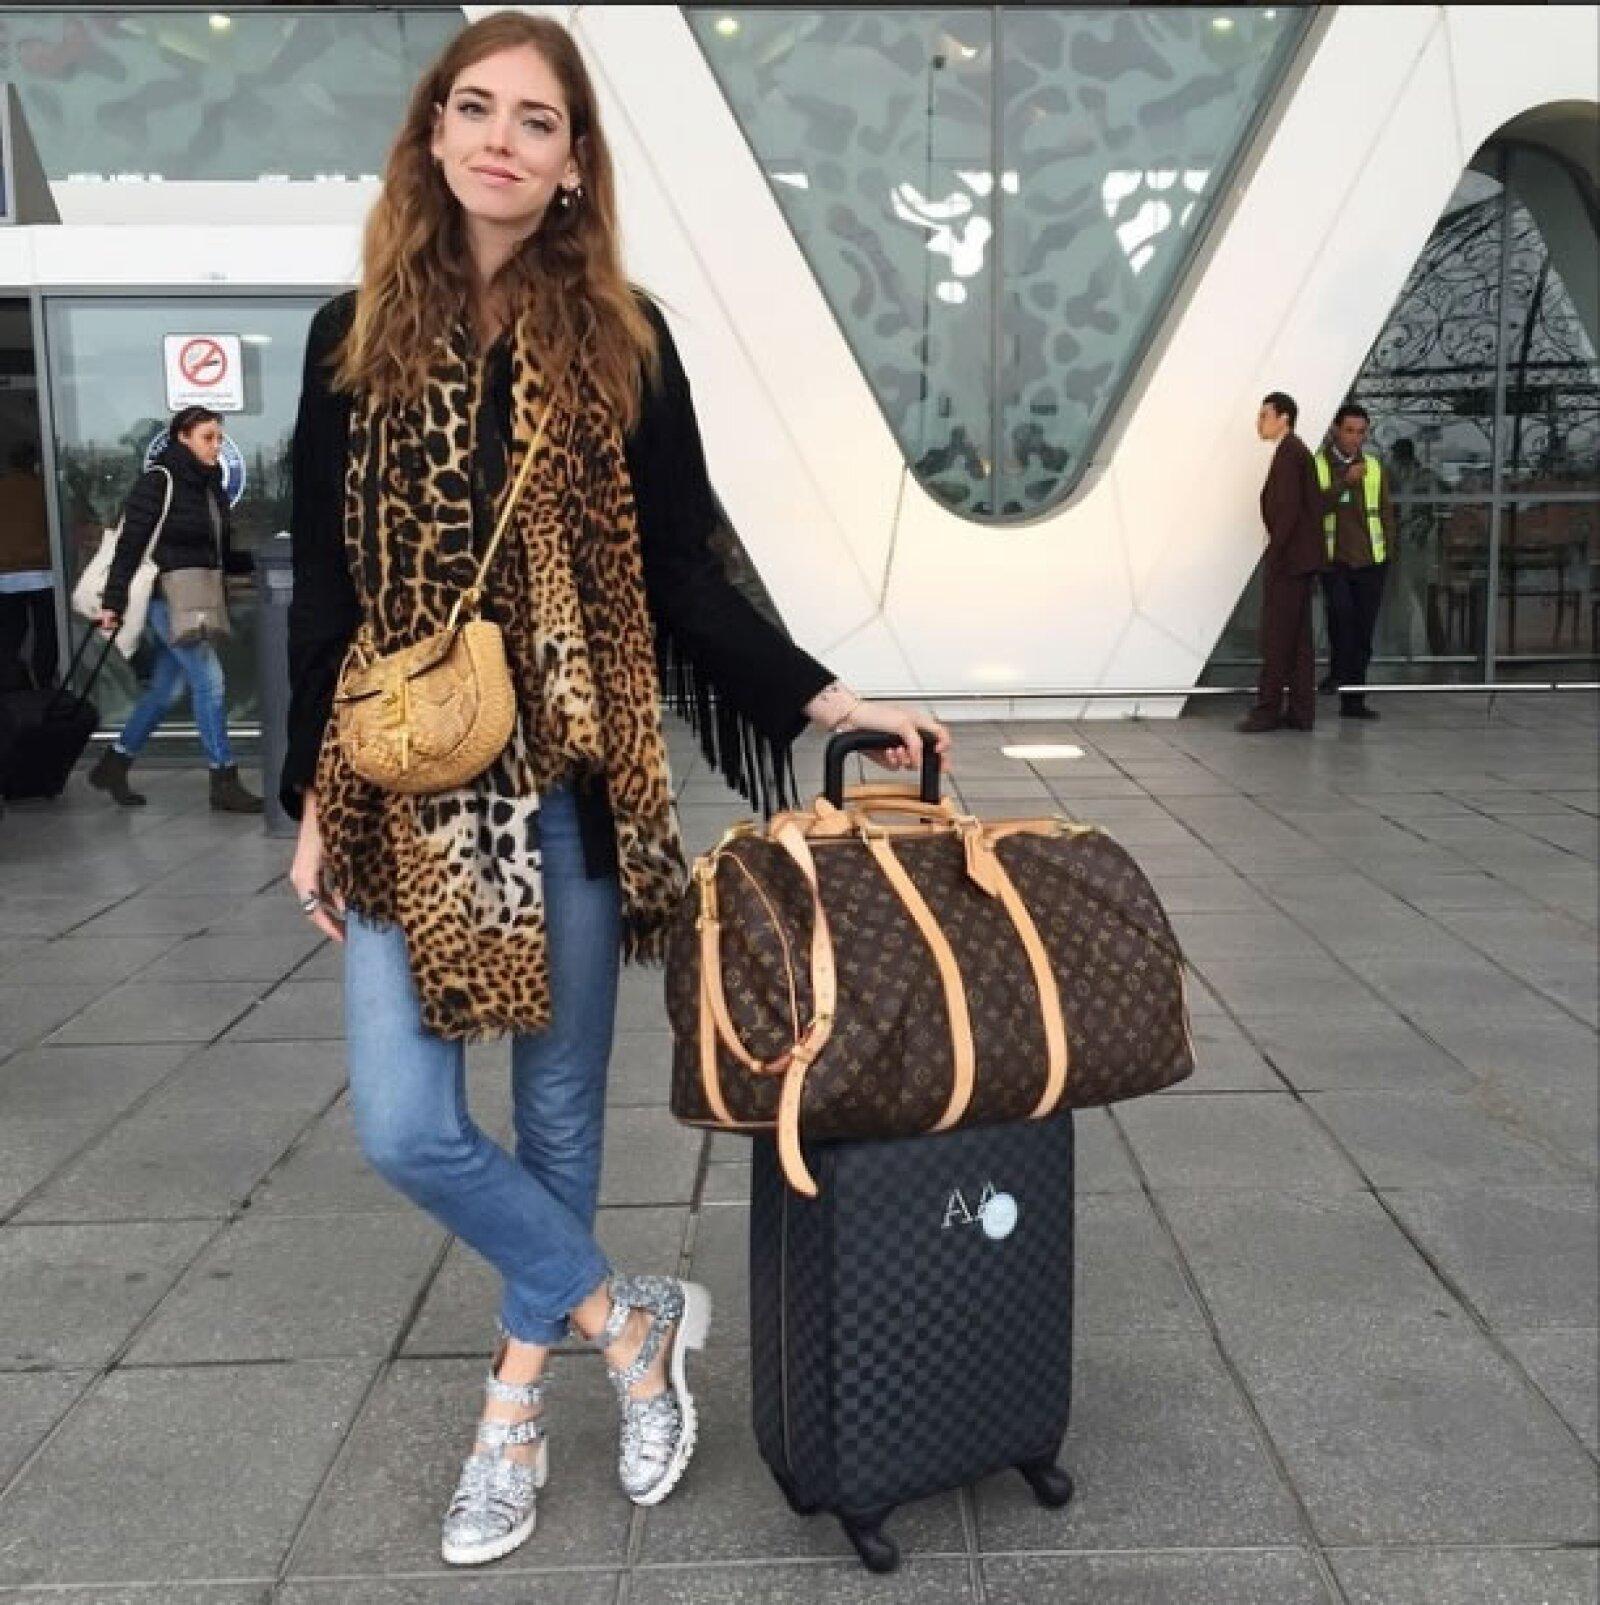 El animal print se apoderó del look que llevó Chiara a Marruecos. Complementó la mascada Saint Laurent con una chamarra de fringes negra, una bolsa crossover de Chloé y las sandalias Kim de su línea de zapatos.